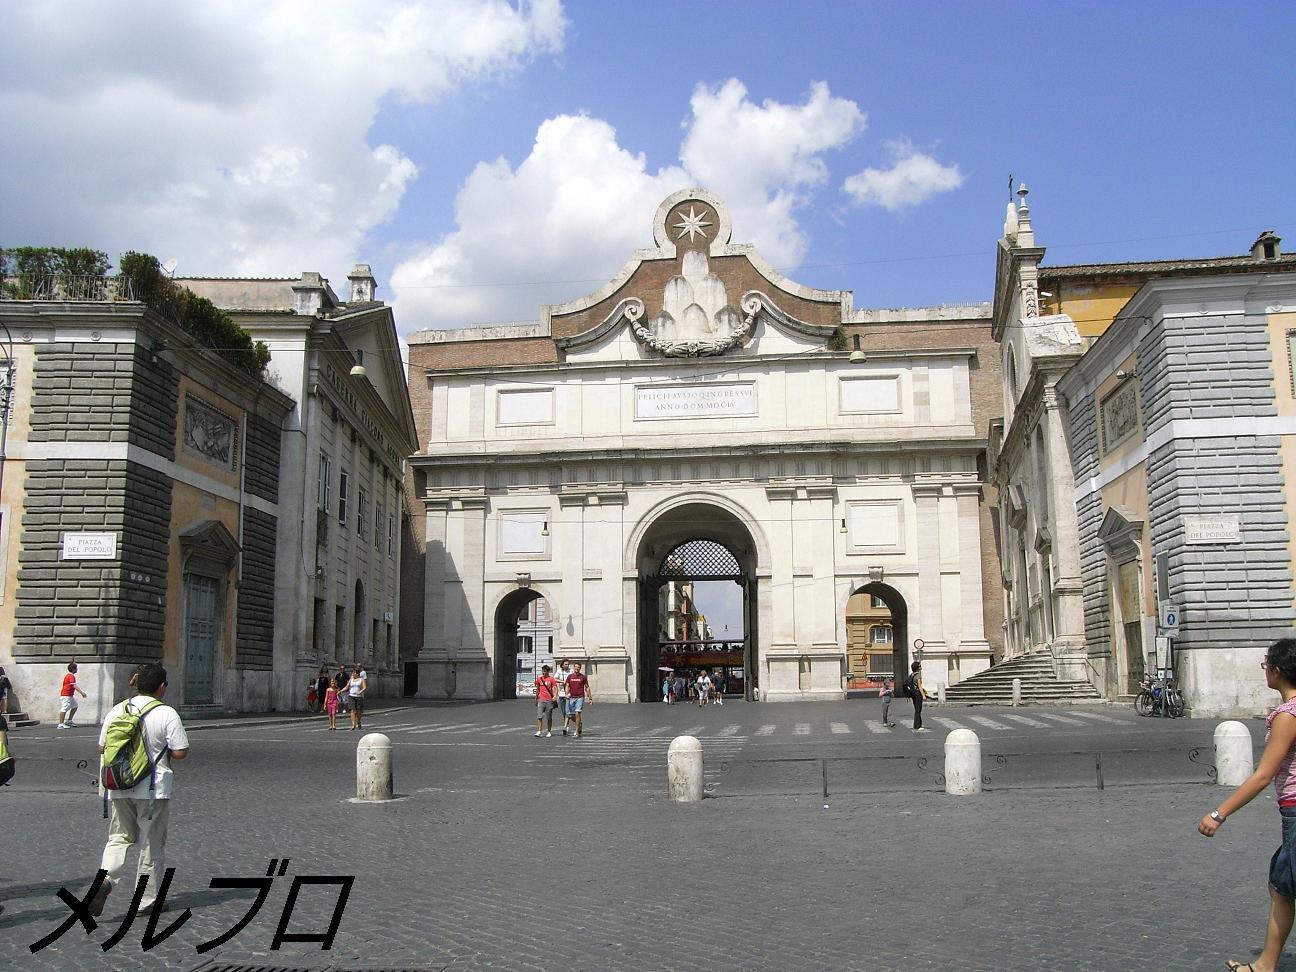 ポポロ教会とポポロ門